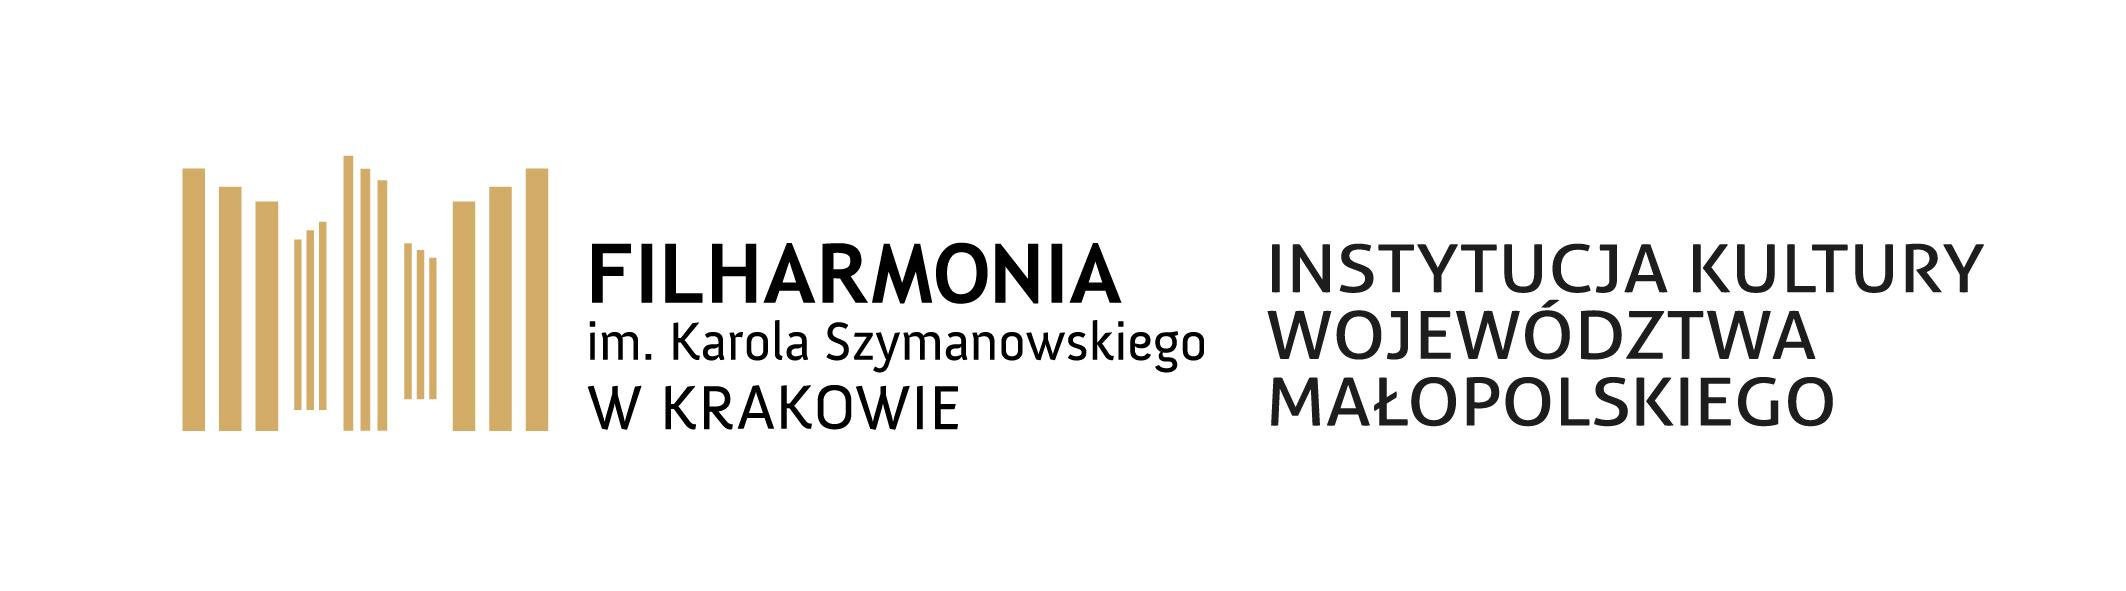 logo FK i instytucja-01